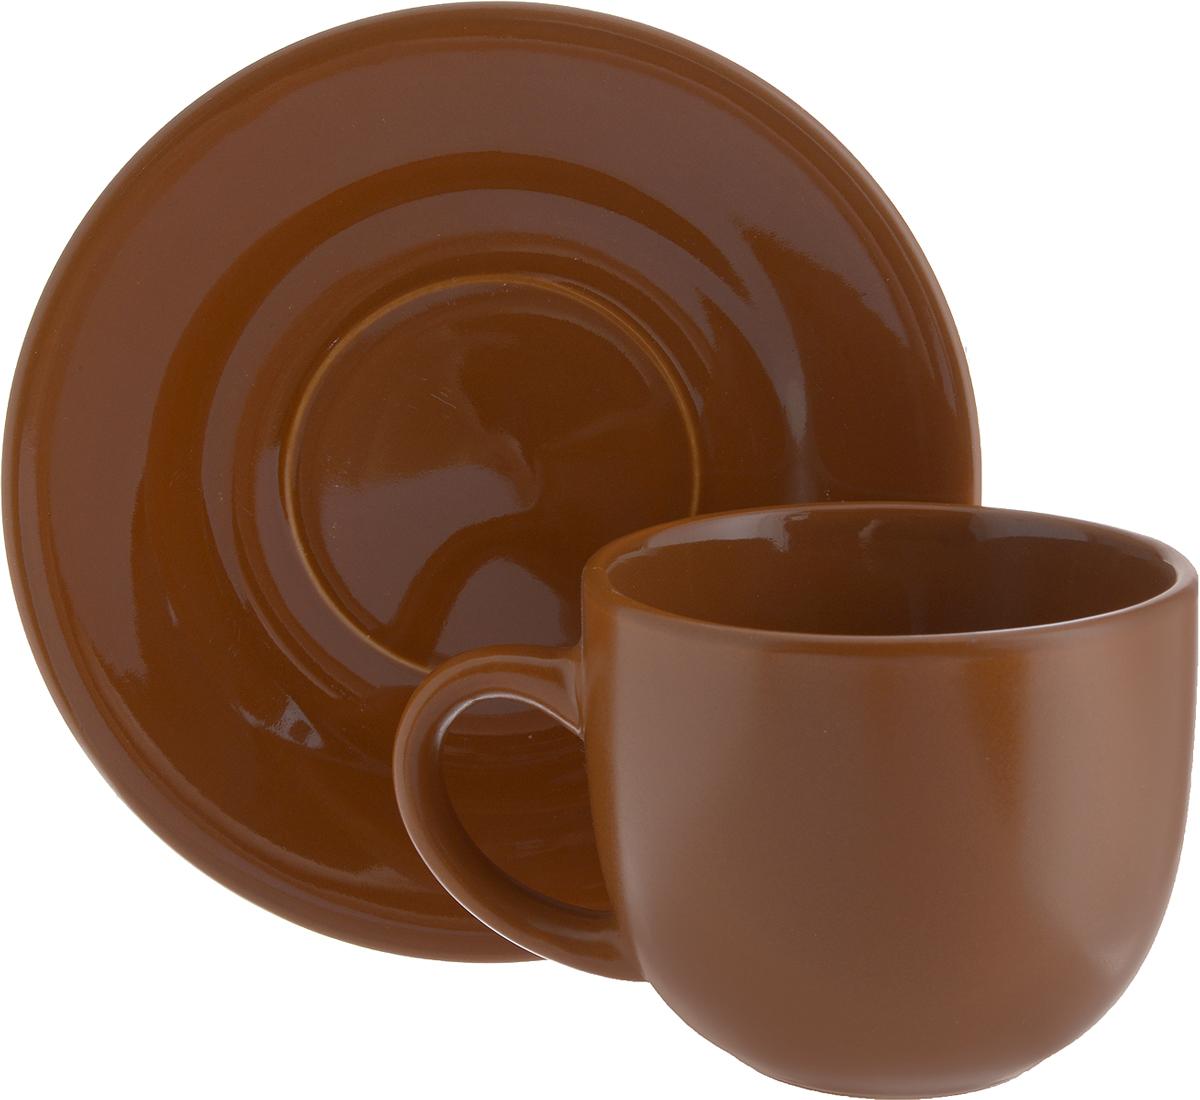 Чайная пара Ломоносовская керамика, 2 предмета. 1ЧП-220ТТ1ЧП-220ТТЧайная пара Ломоносовская керамика состоит из чашки и блюдца. Изделия, выполненные из высококачественной глины с глазурованным покрытием, имеют элегантный дизайн. Такая чайная пара прекрасно подойдет как для повседневного использования, так и для праздников. Чайная пара Ломоносовская керамика - это полезный подарок для родных и близких, это также великолепное дизайнерское решение для вашей кухни или столовой. Объем чашки: 200 мл. Диаметр чашки (по верхнему краю): 8,5 см. Высота чашки: 7 см. Диаметр блюдца: 14,5 см. Высота блюдца: 1,7 см.